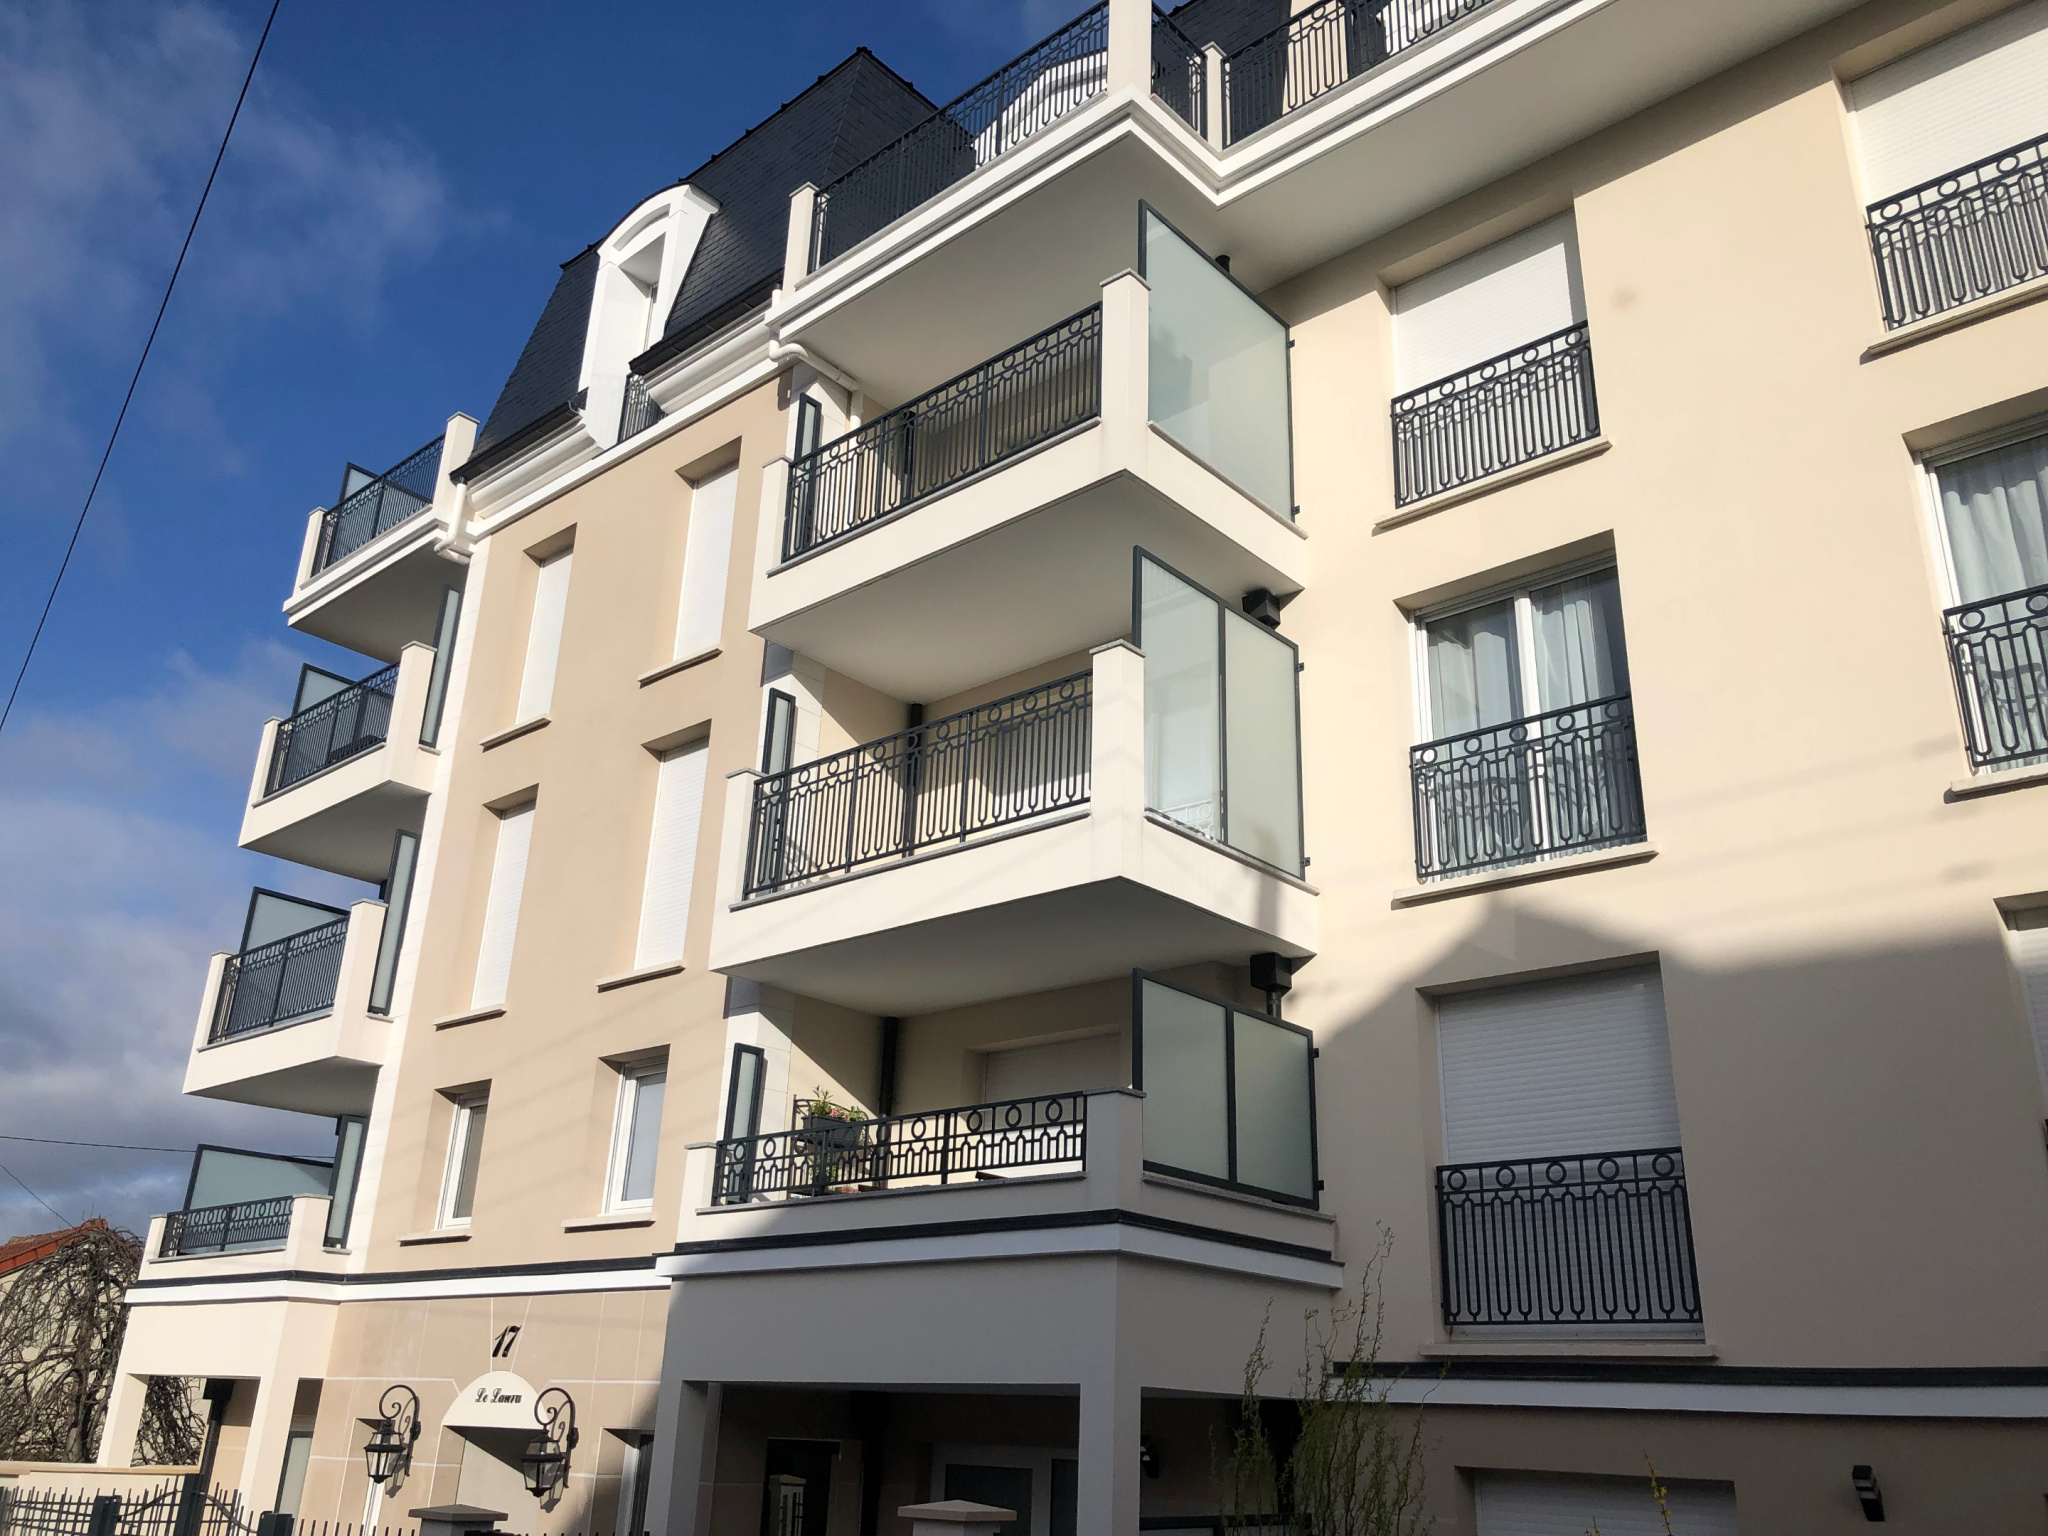 Location Maison Appartement Noisy Le Grand 93160 Sur Le Partenaire